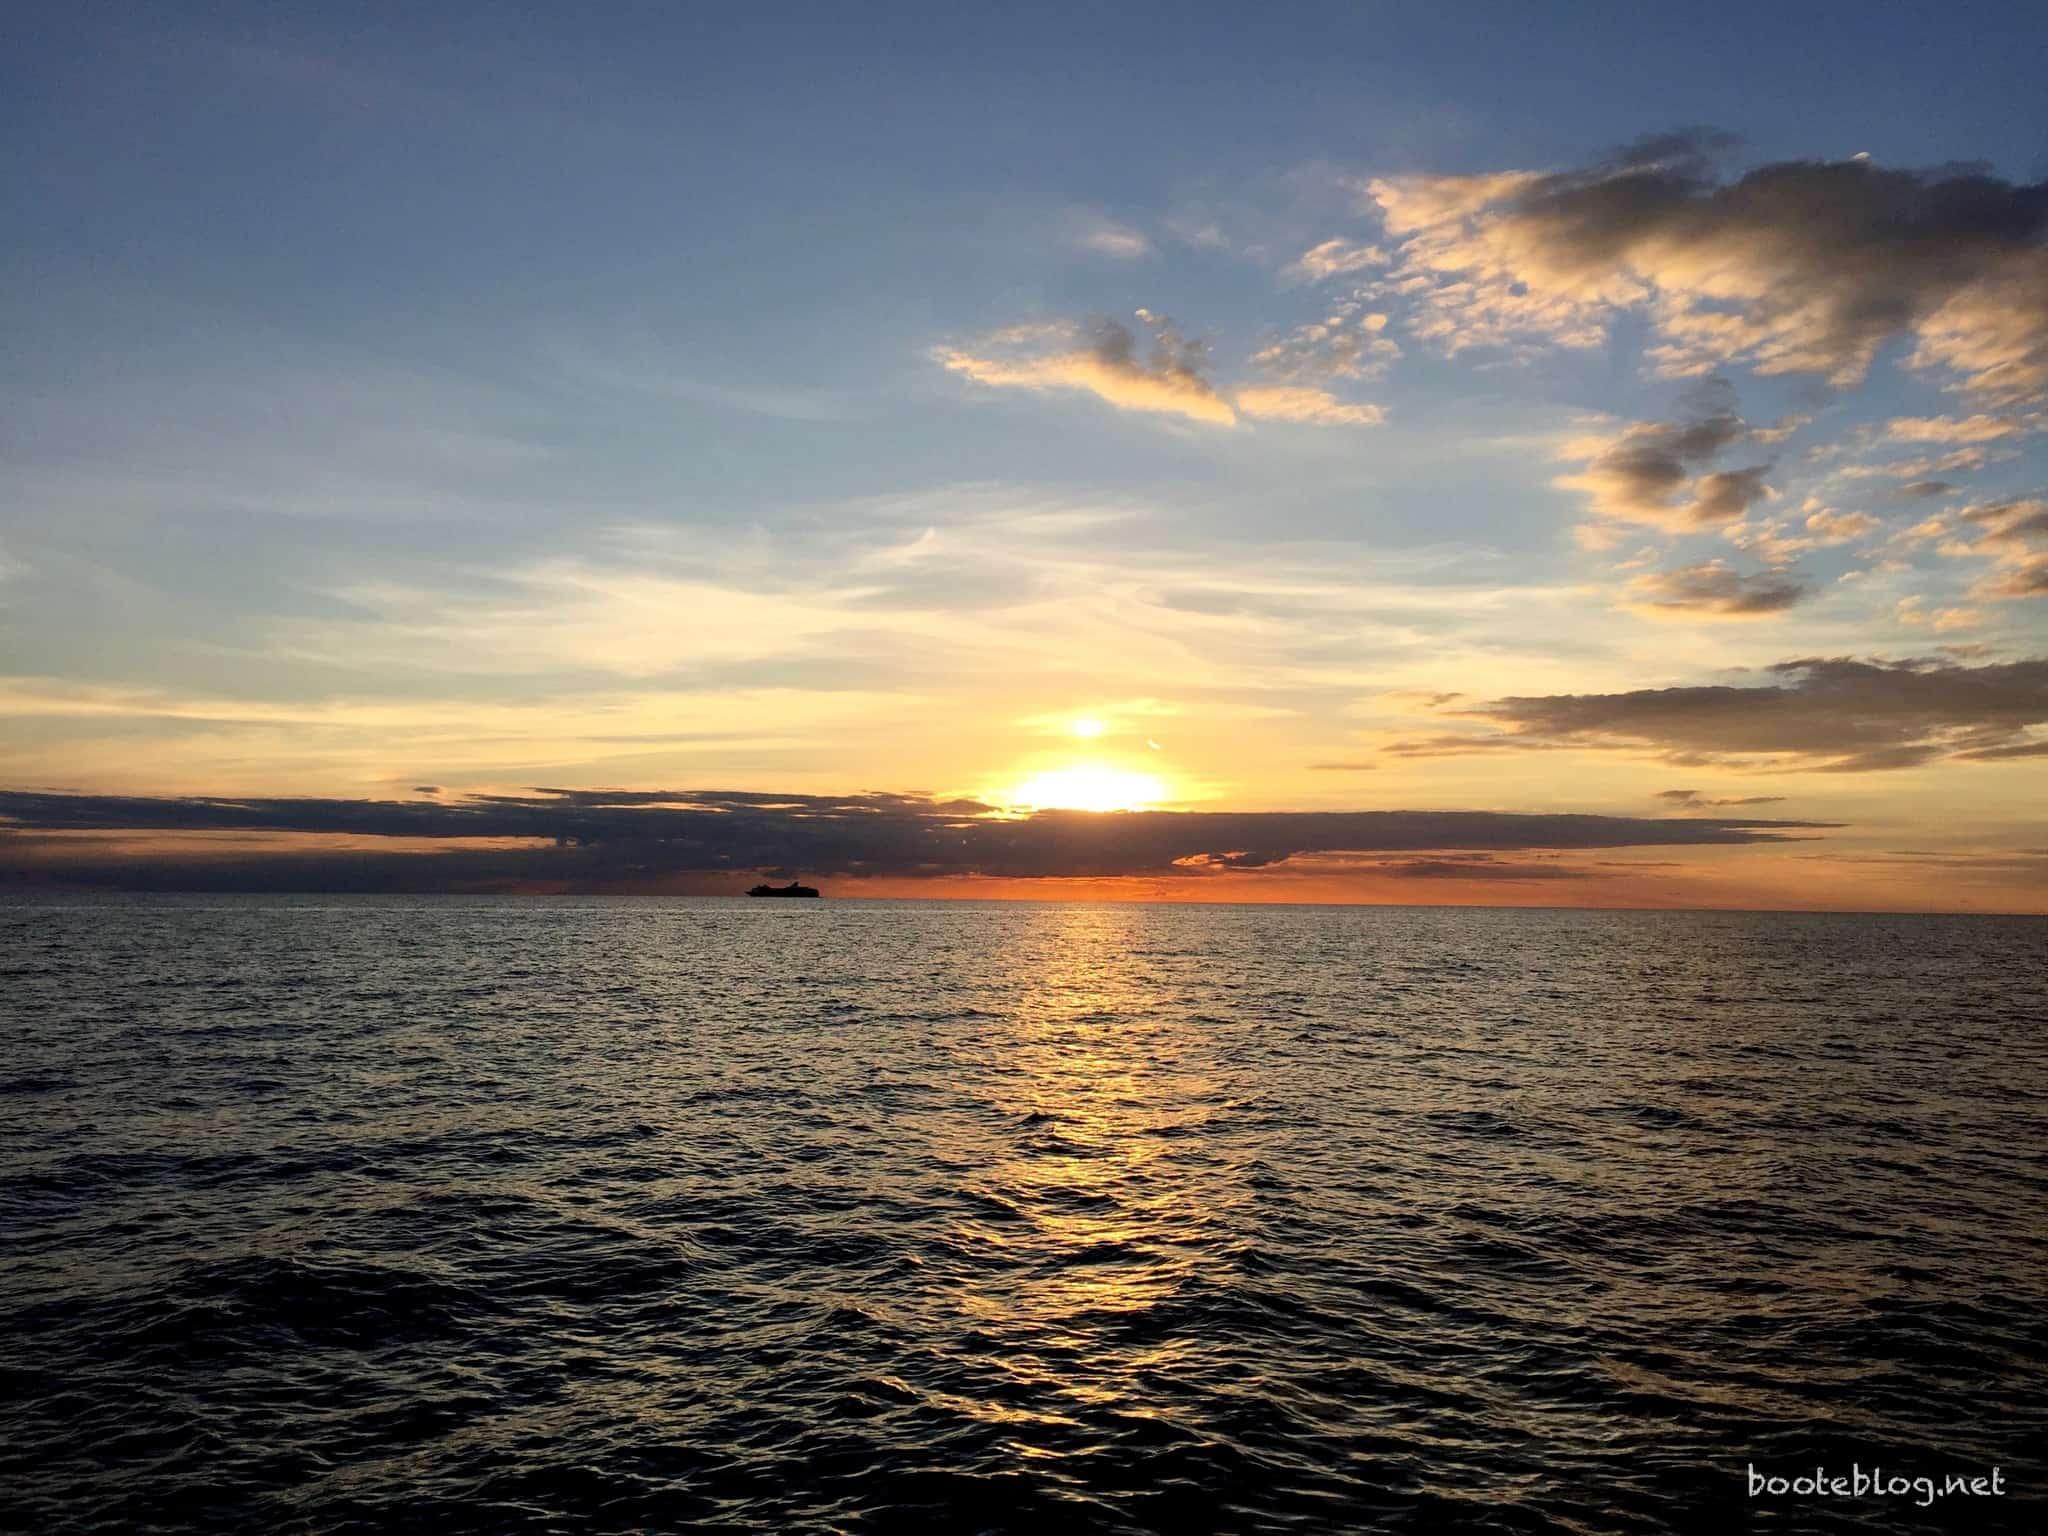 Sonnenuntergang im Kattegat. Am Horizont ist die Silhouette eines Kreuzfahrschiffs zu erkennen.